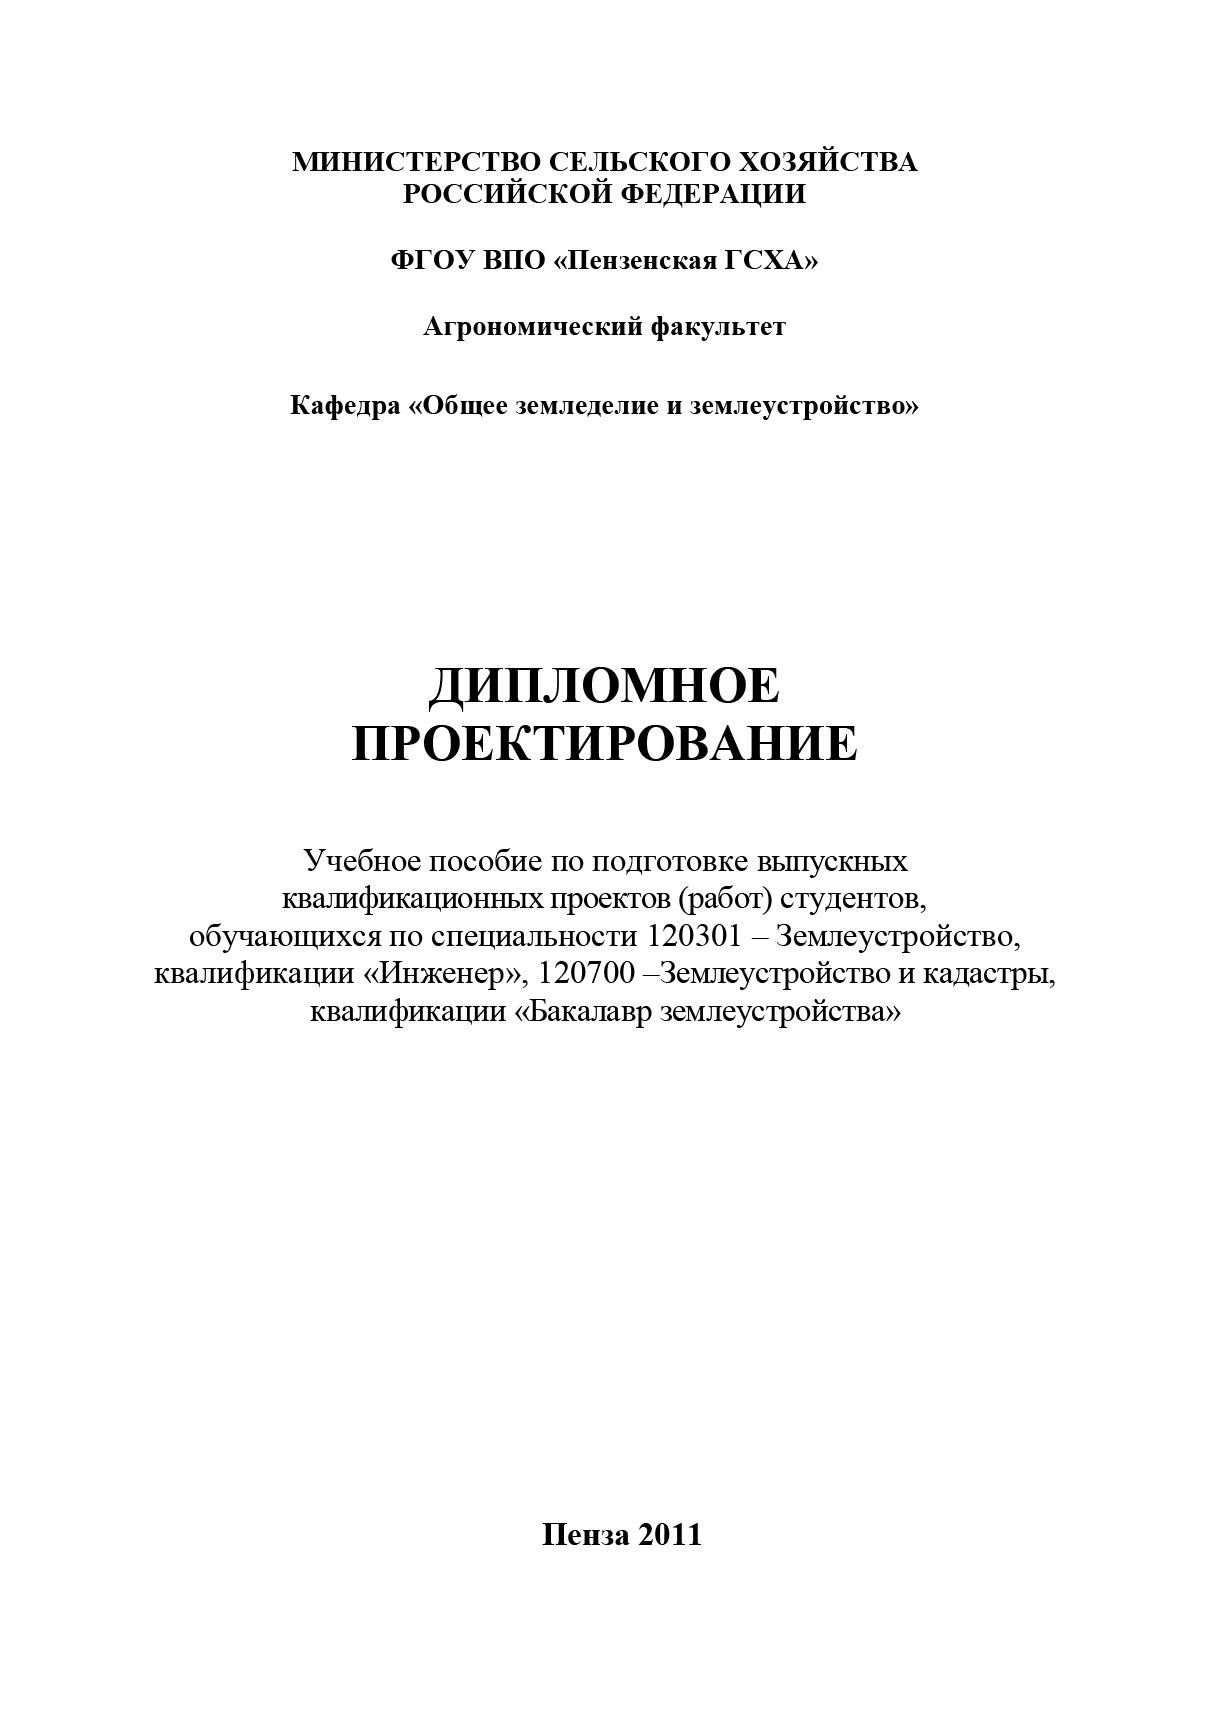 Коллектив авторов Дипломное проектирование соболенко а симашов р судовые энергетические установки дипломное проектирование часть ii